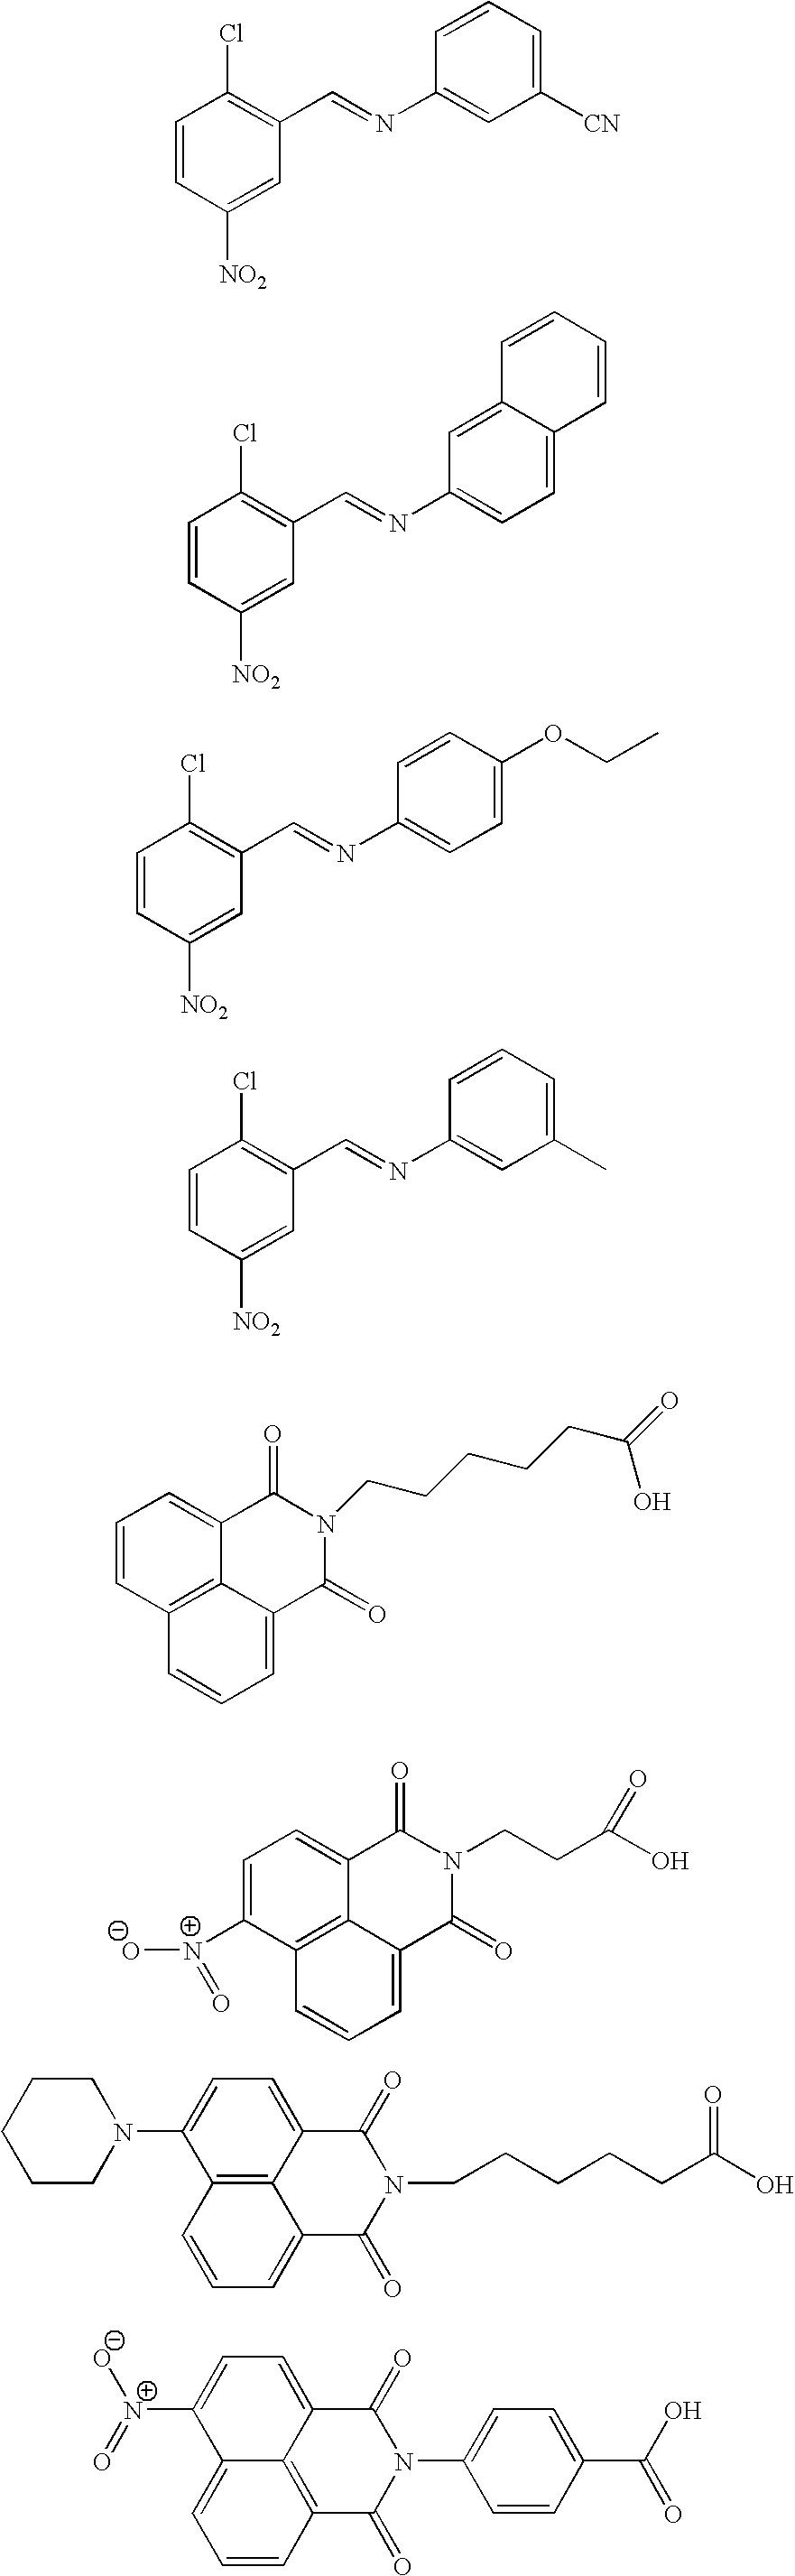 Figure US08119656-20120221-C00038